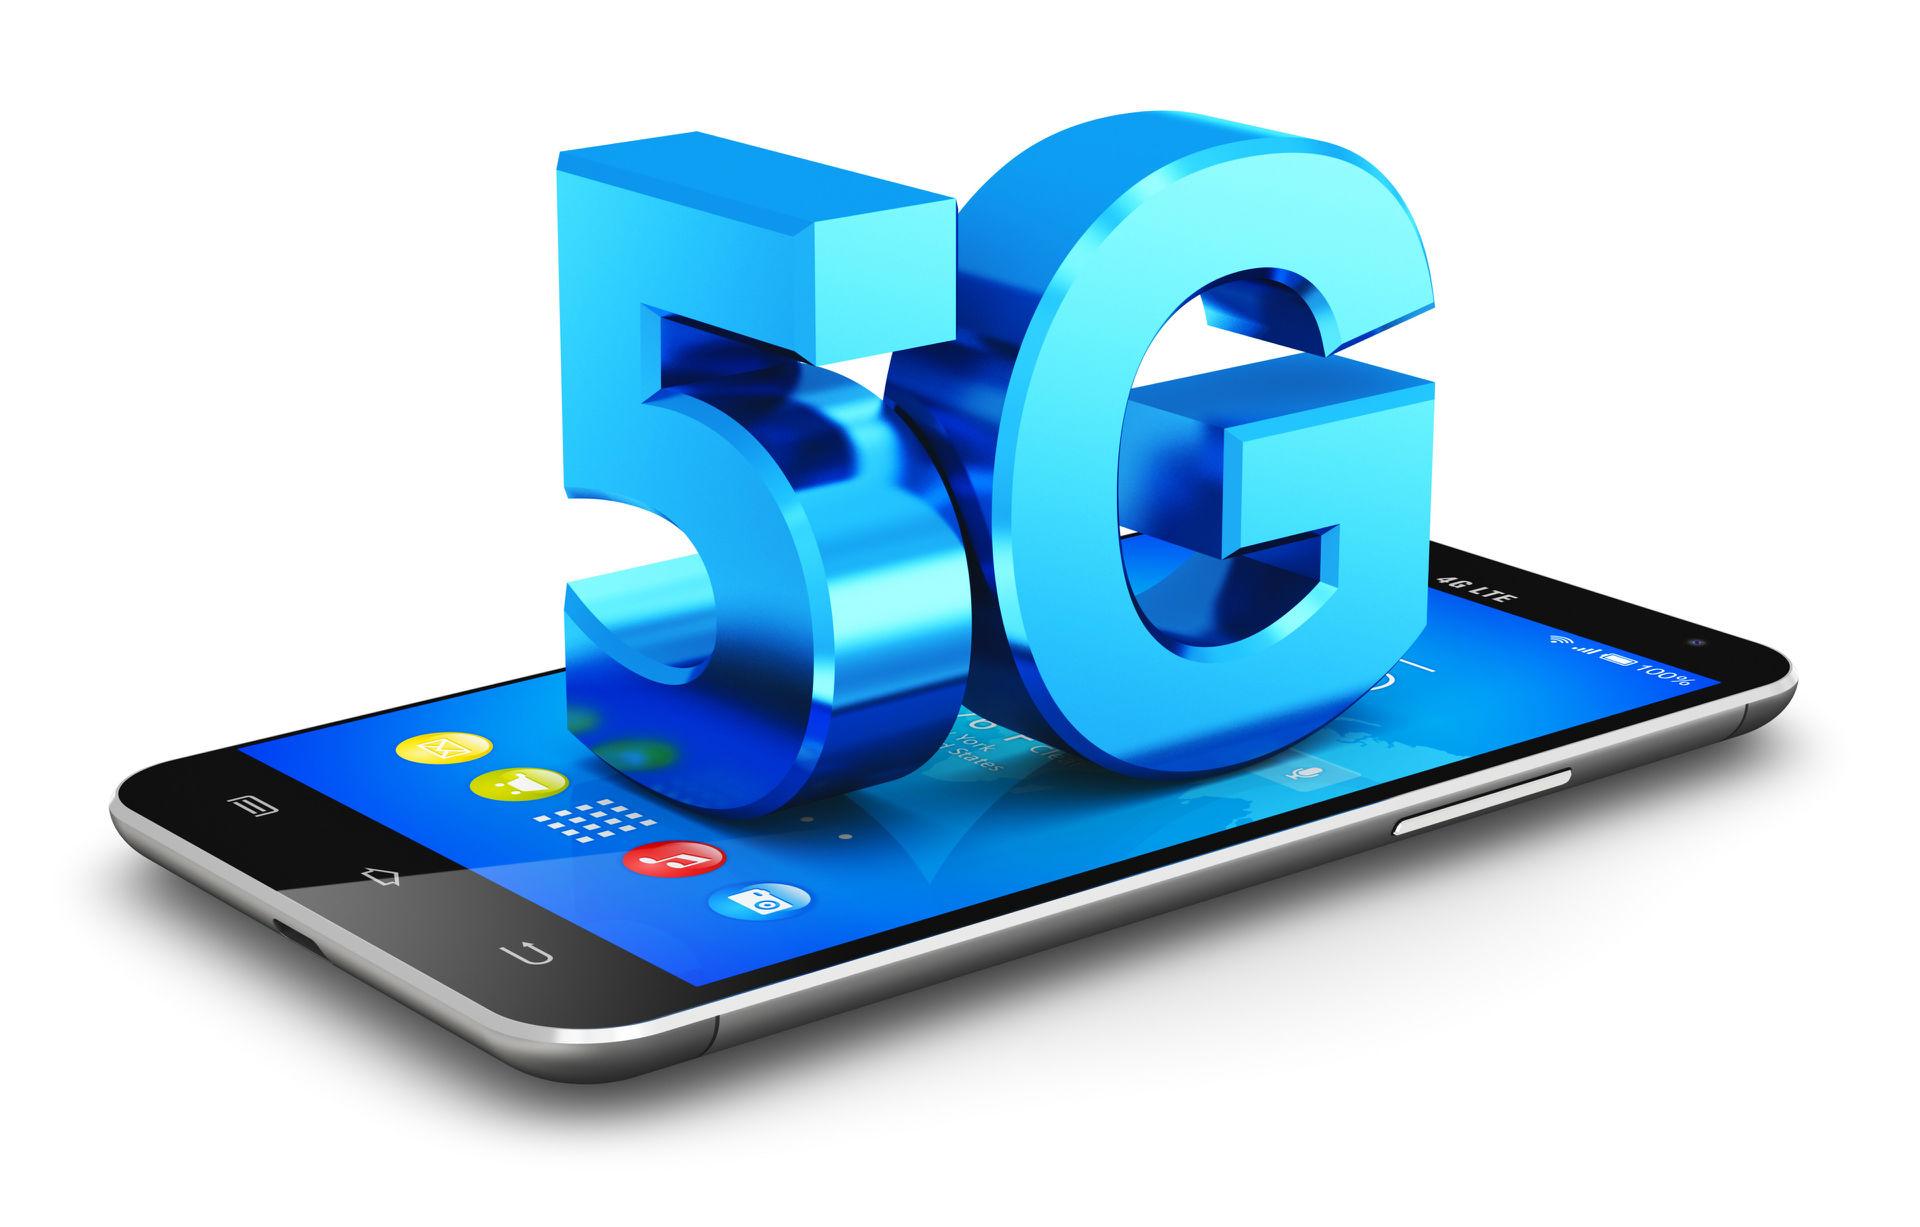 中国联通泄漏多款5G手机于9月上市,三星、vivo在列